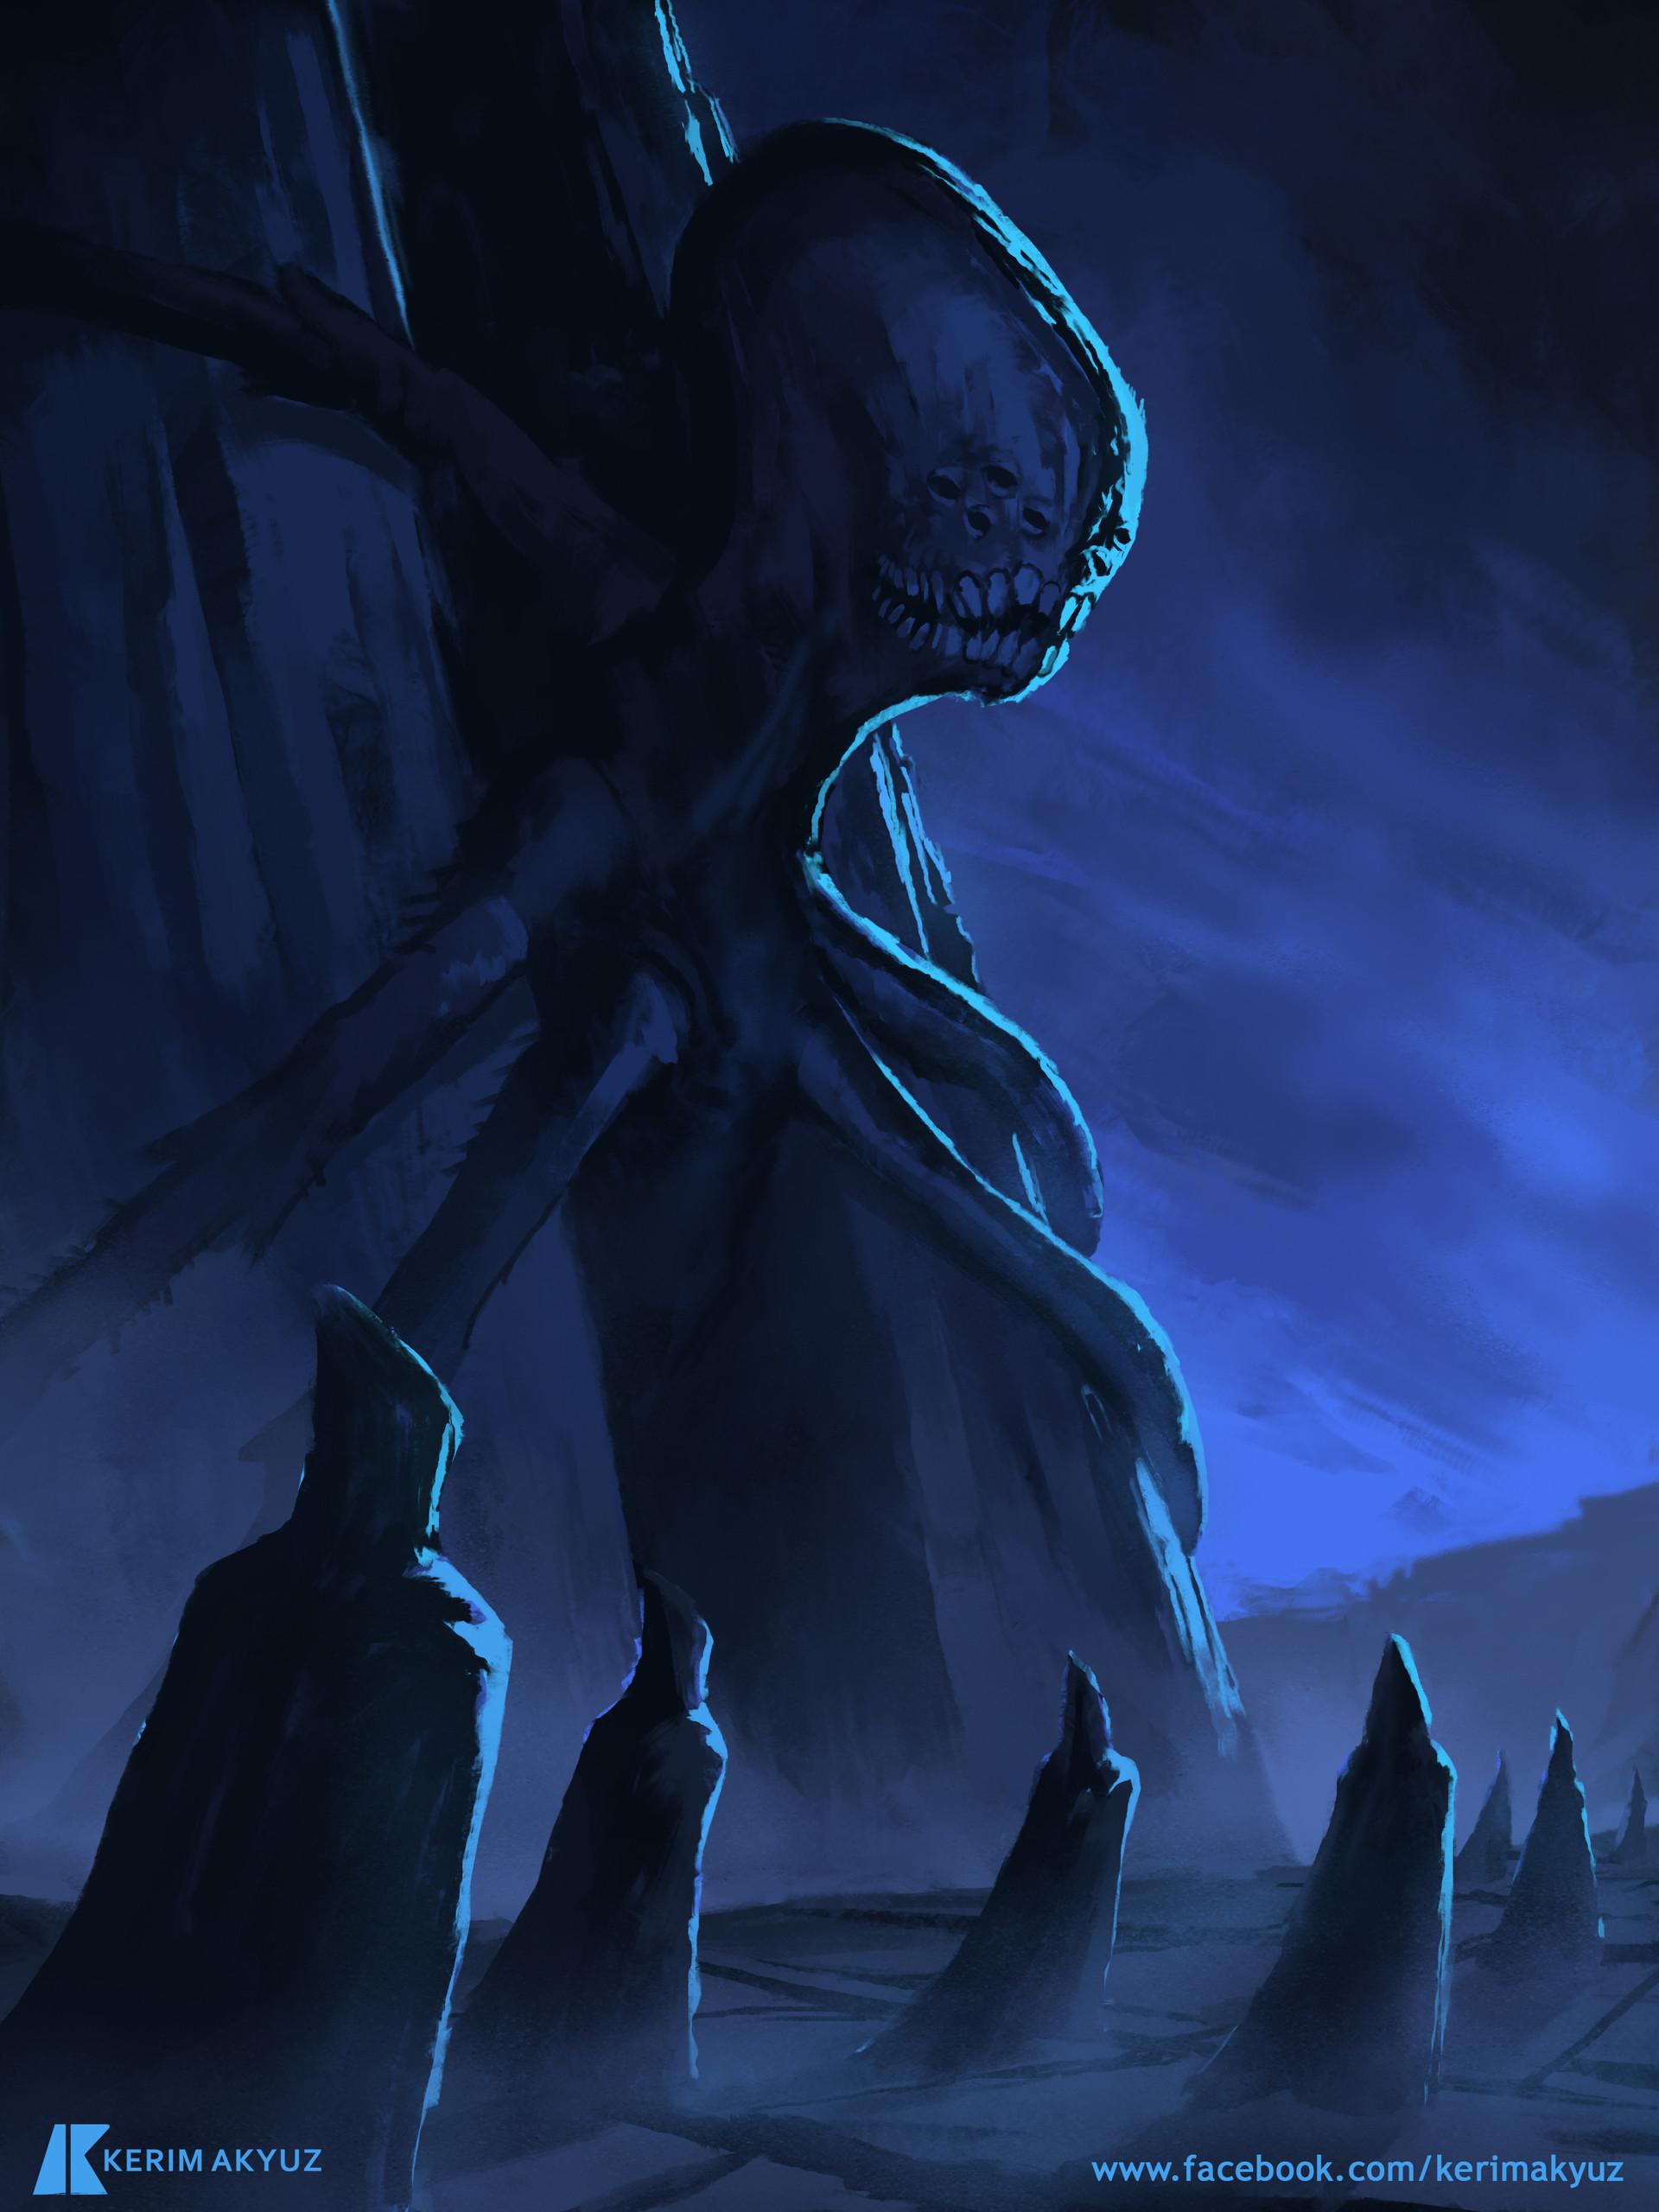 Kerim akyuz 259 lovecraftian